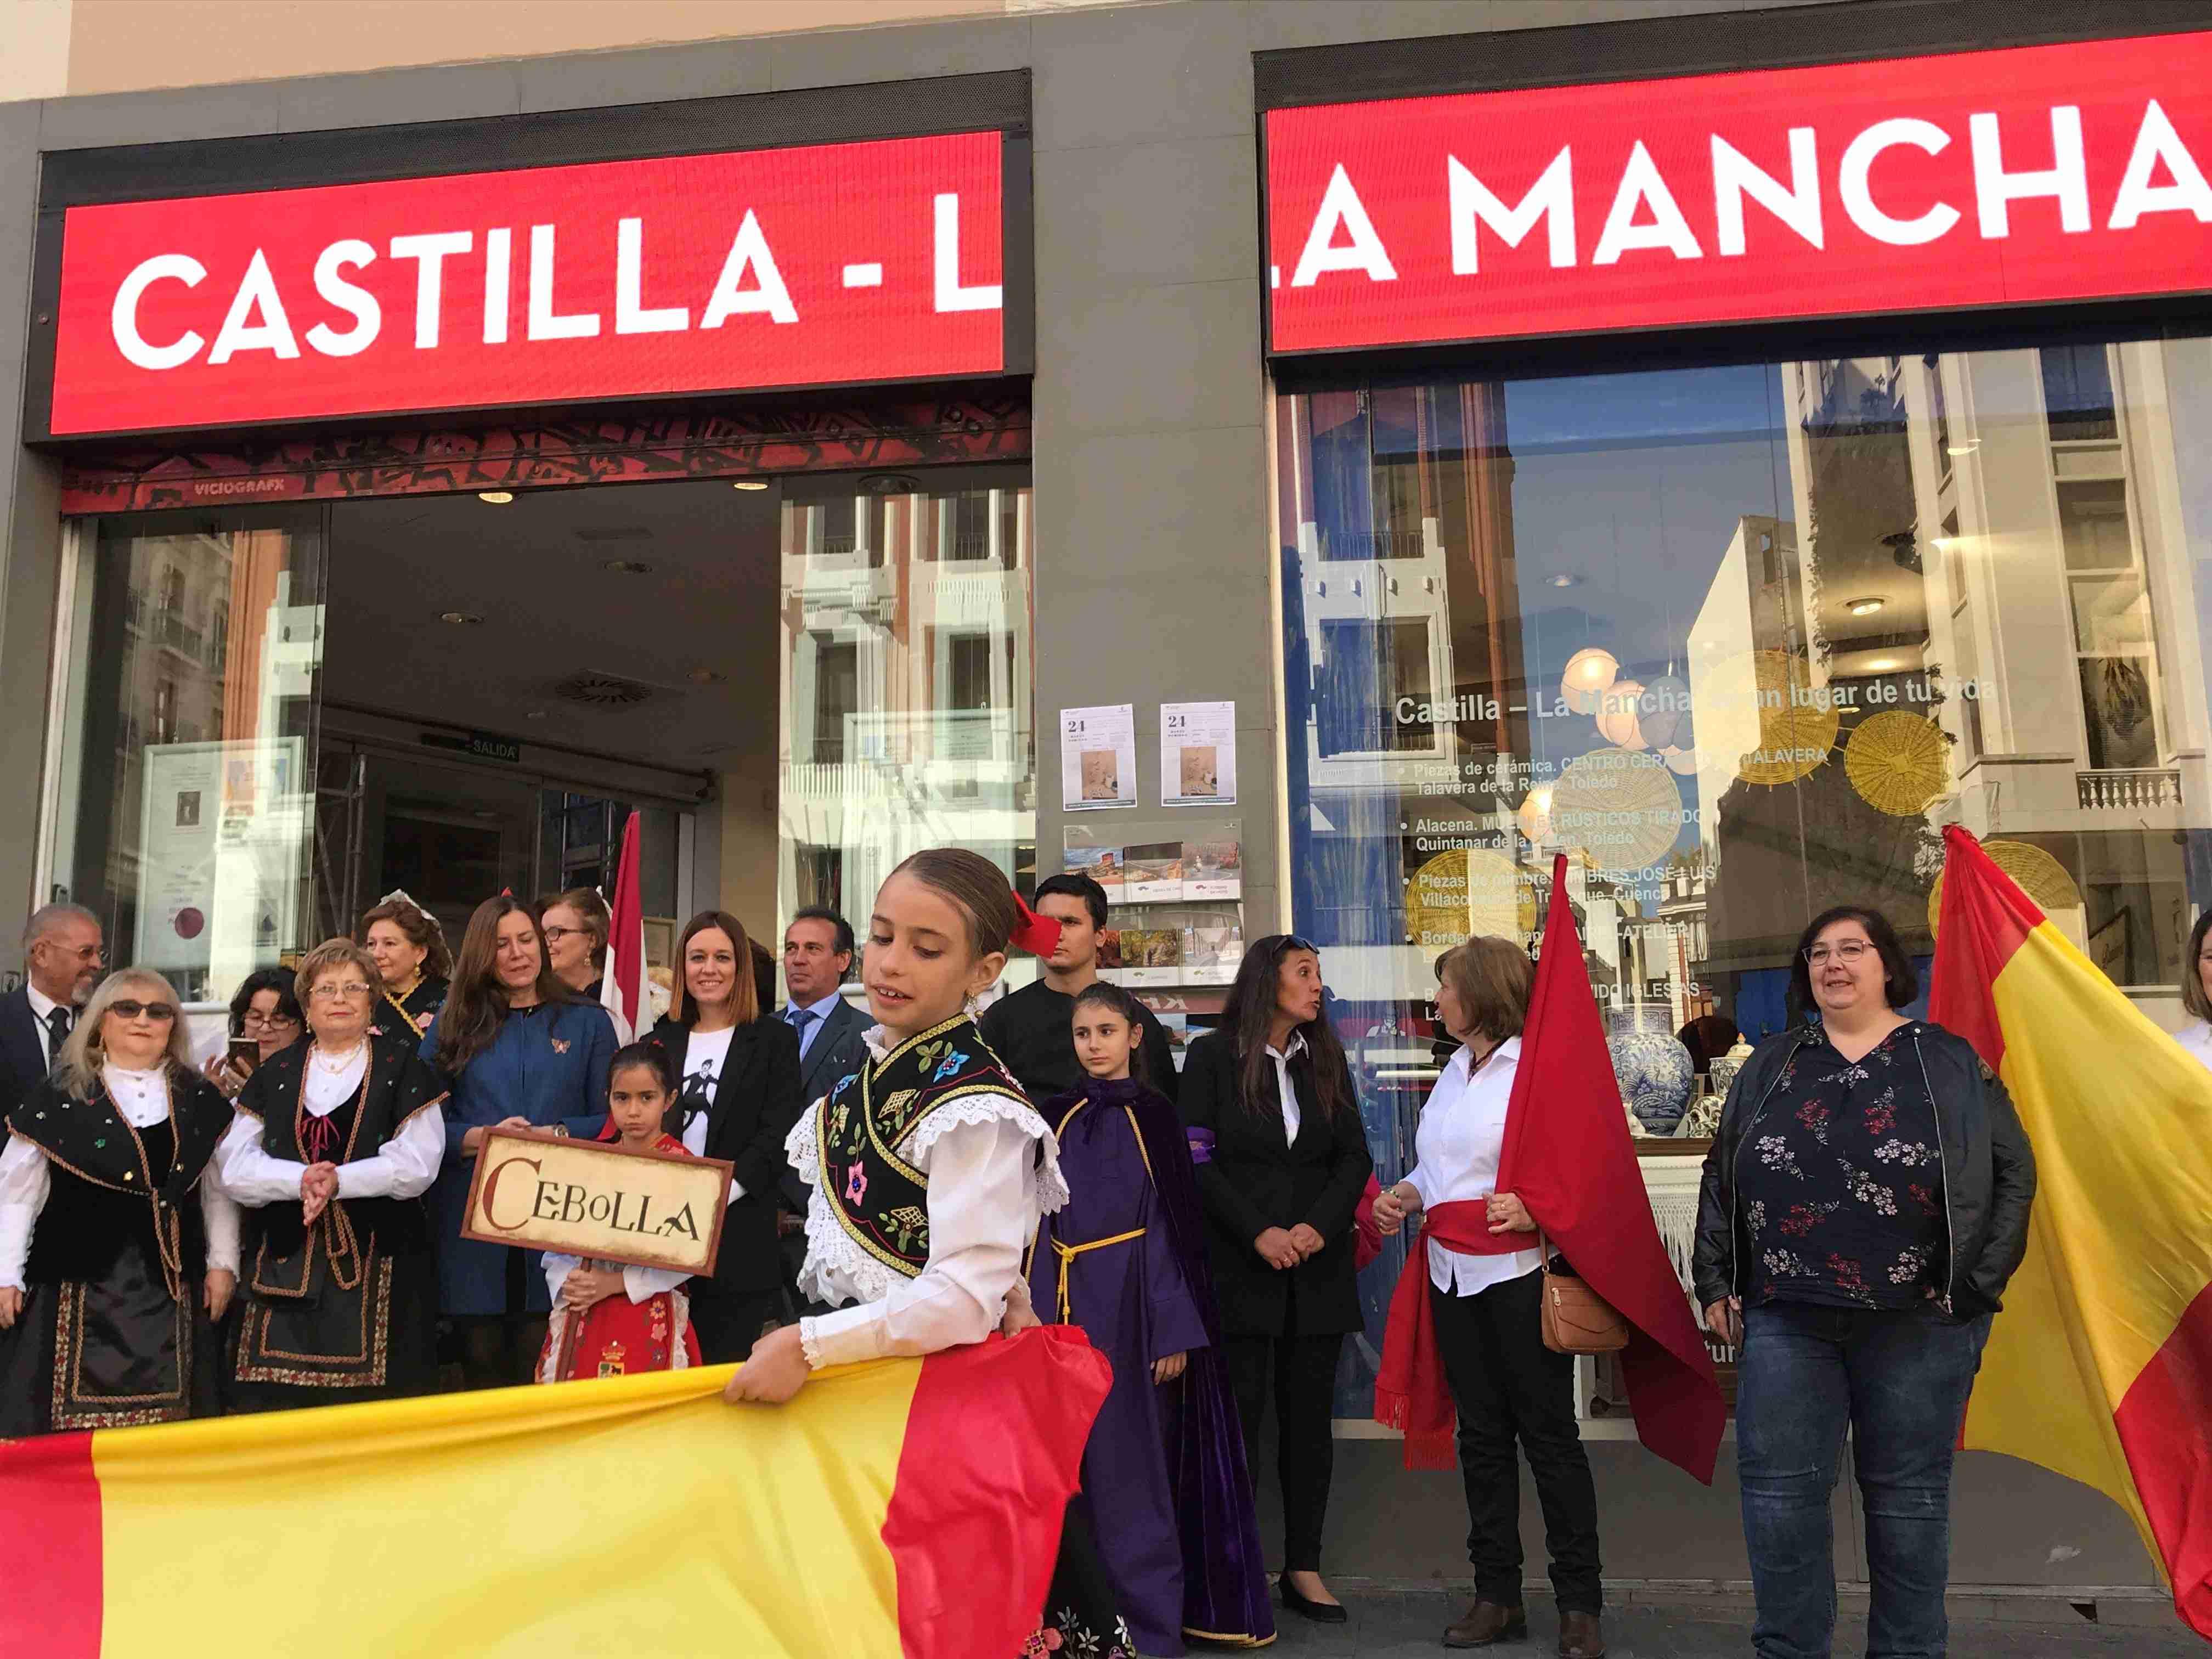 La Oficina de Promoción Turística de Castilla-La Mancha en Madrid acoge una representación de la Semana Santa de Cebolla 1